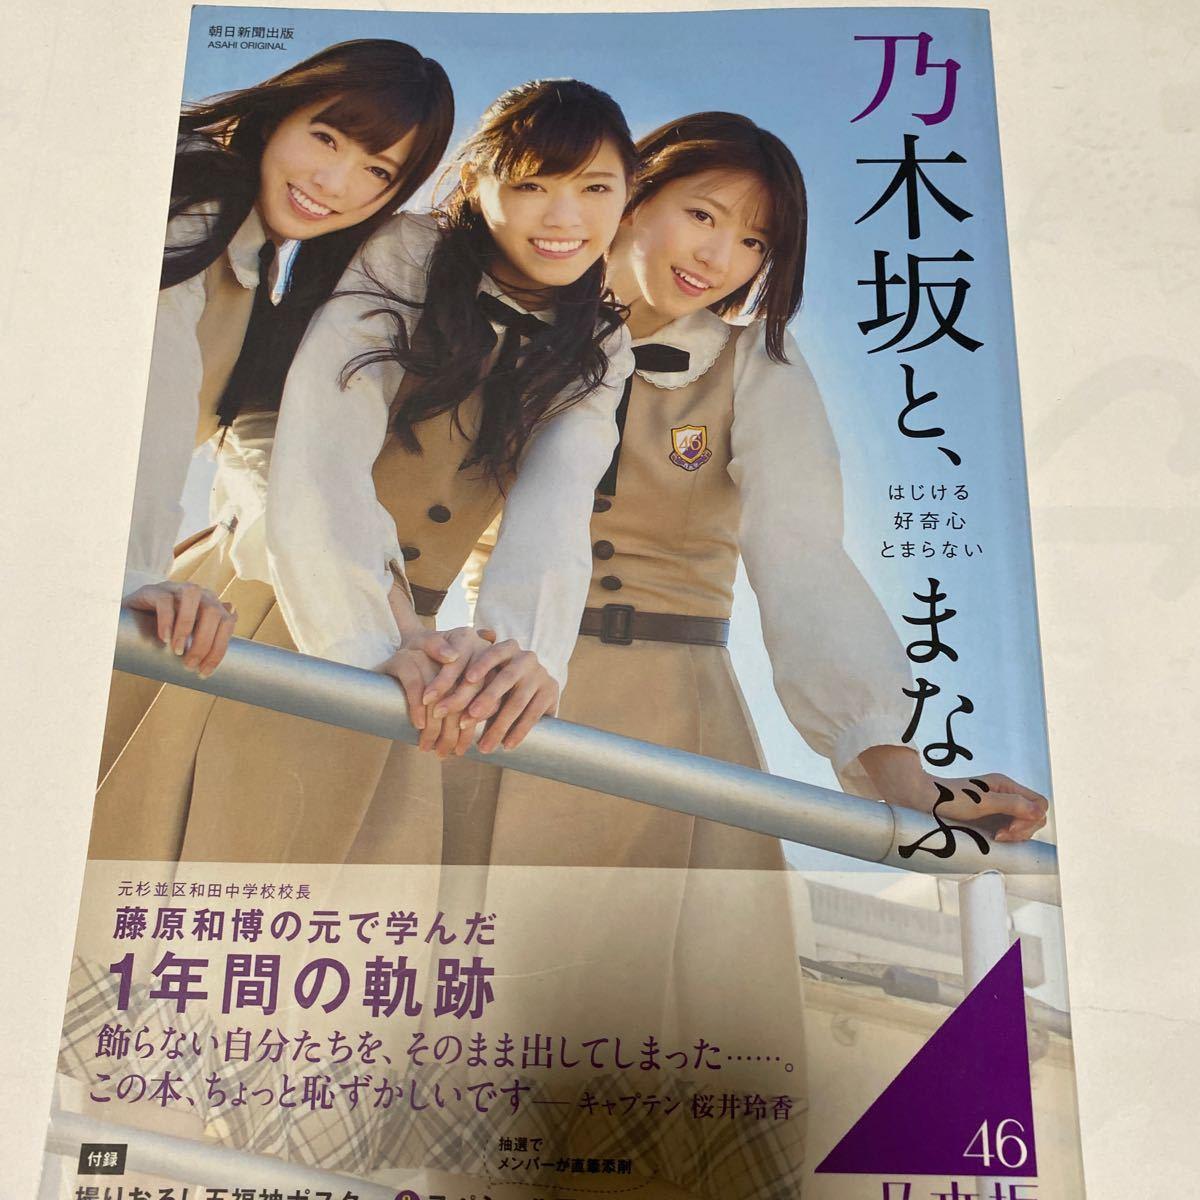 乃木坂と、まなぶ 朝日オリジナル/乃木坂46